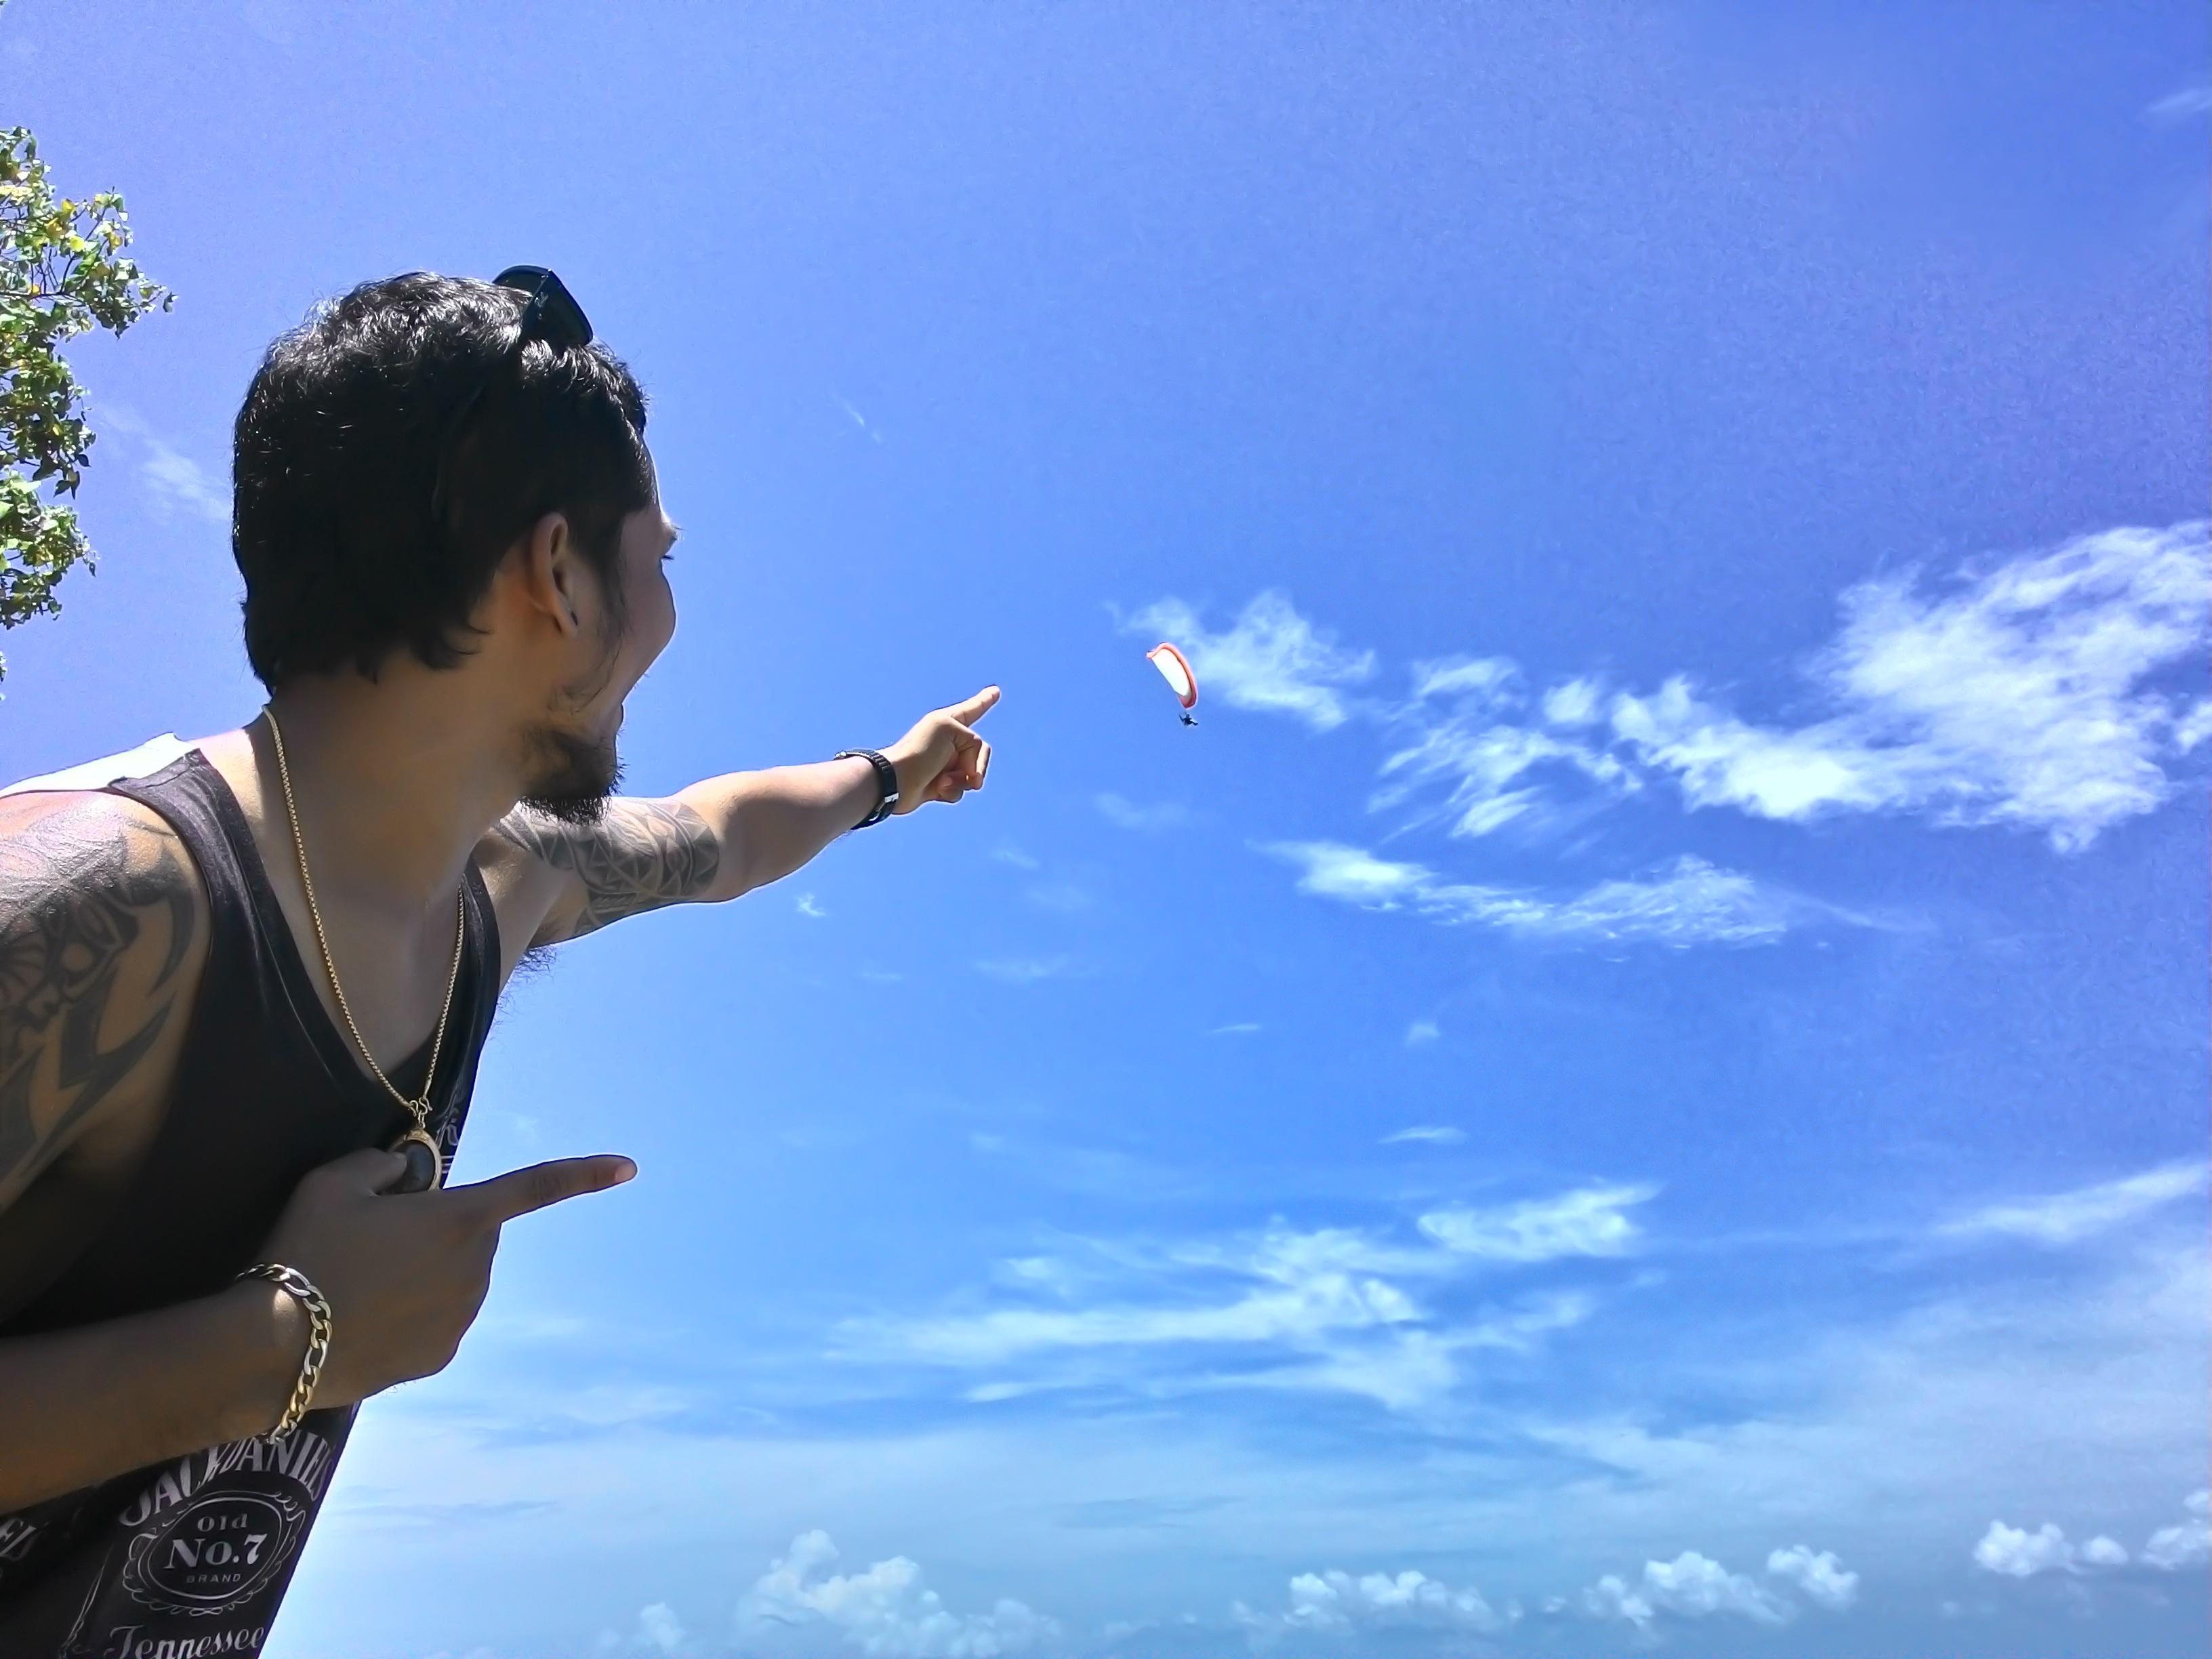 мафия картинки людей смотрящих на небо фотографией пошагового